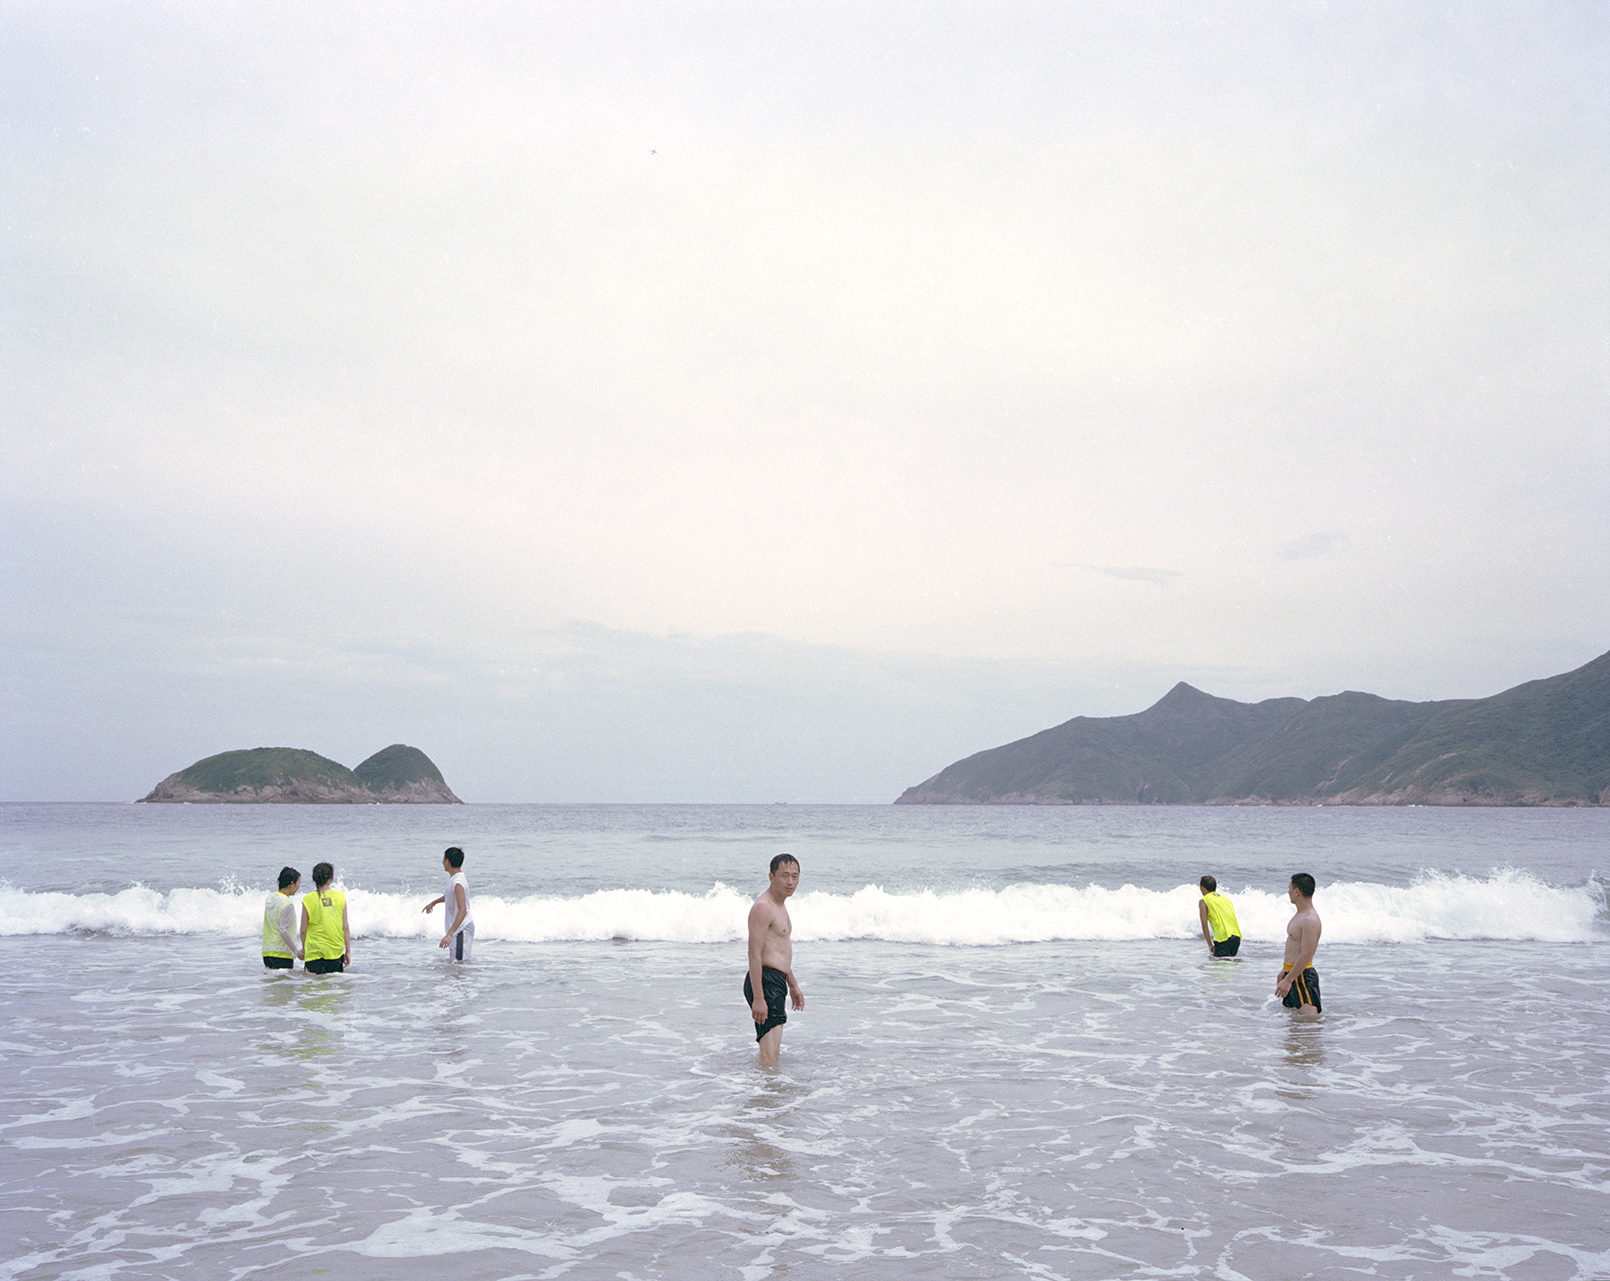 0019_HK-2012-09-C-67-003-03.jpg